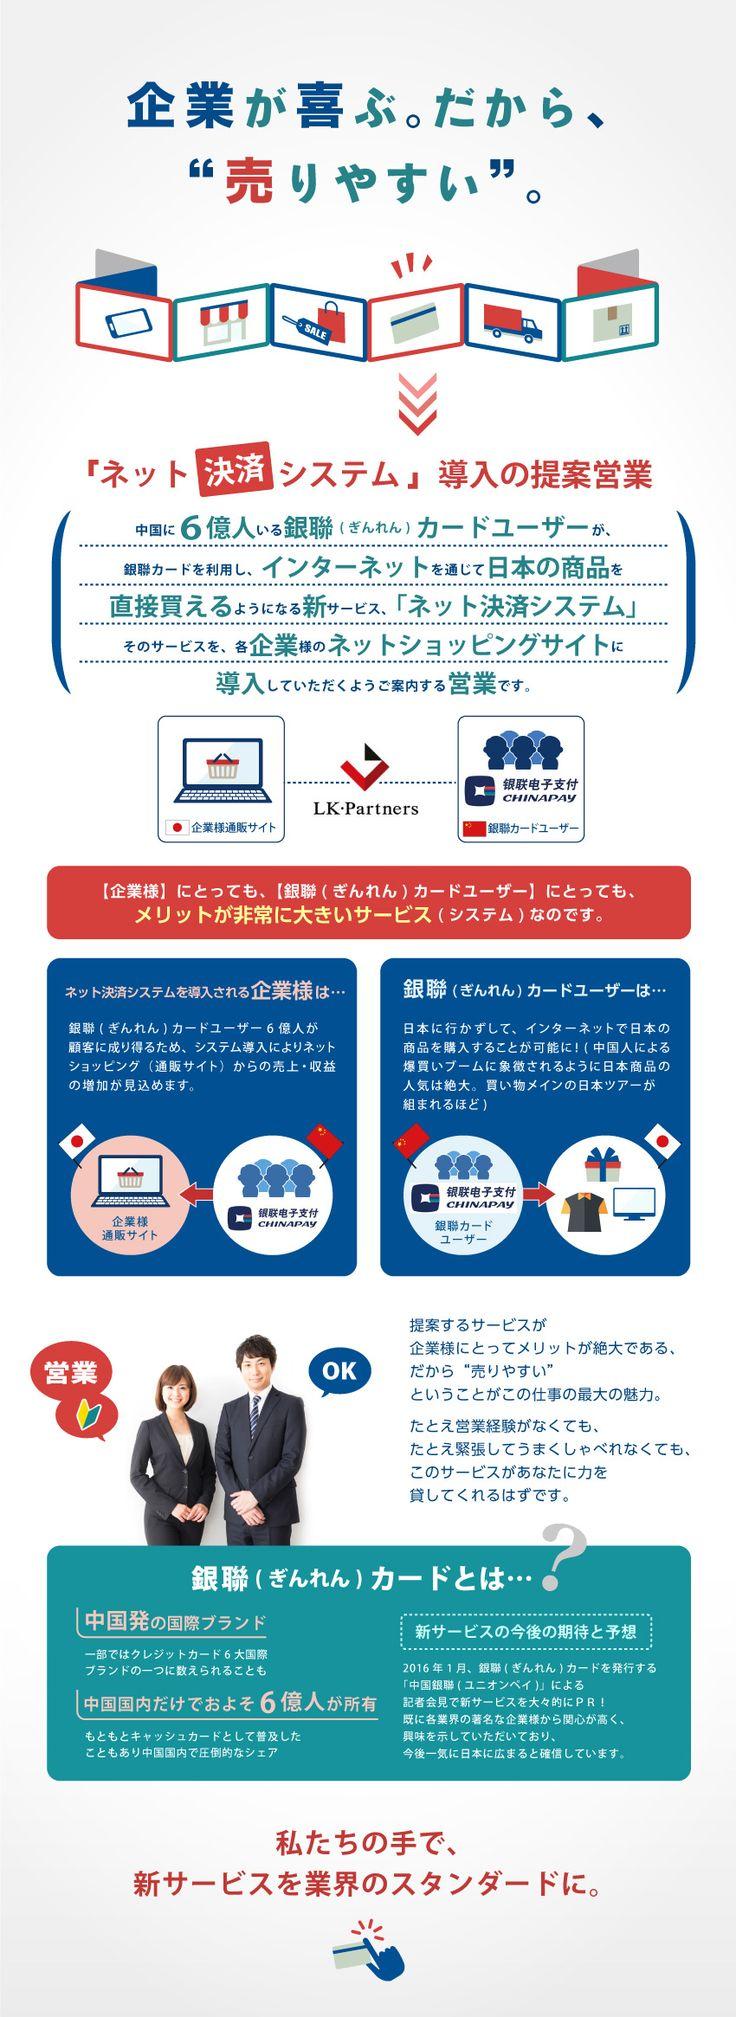 株式会社LK・Partners/ルート営業 / ユーザー6億人の銀聯カードによるネット決済システム導入のご案内の求人PR - 転職ならDODA(デューダ)